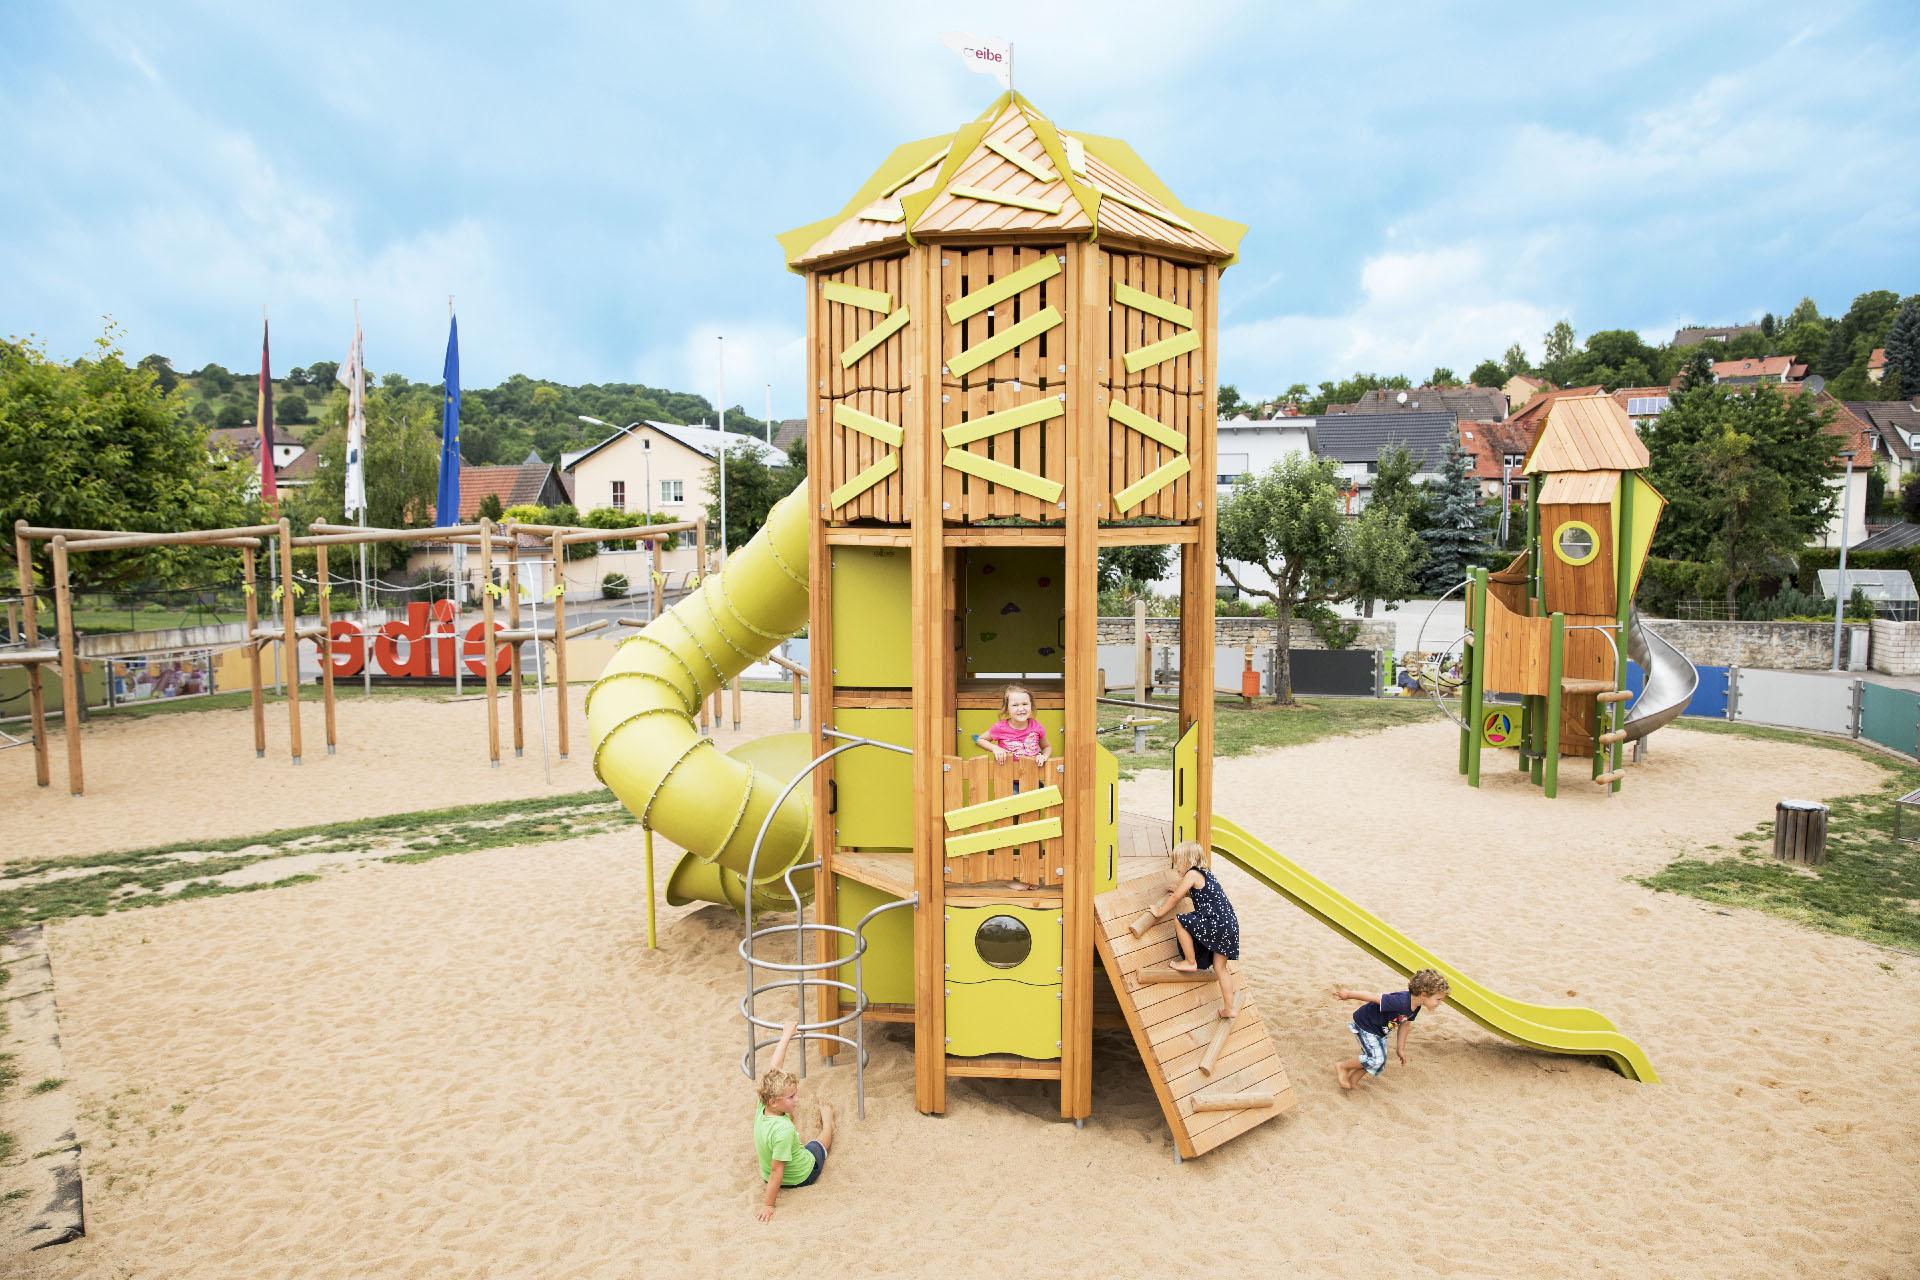 Savia proyectos parques infantiles madera torre tobogán niña